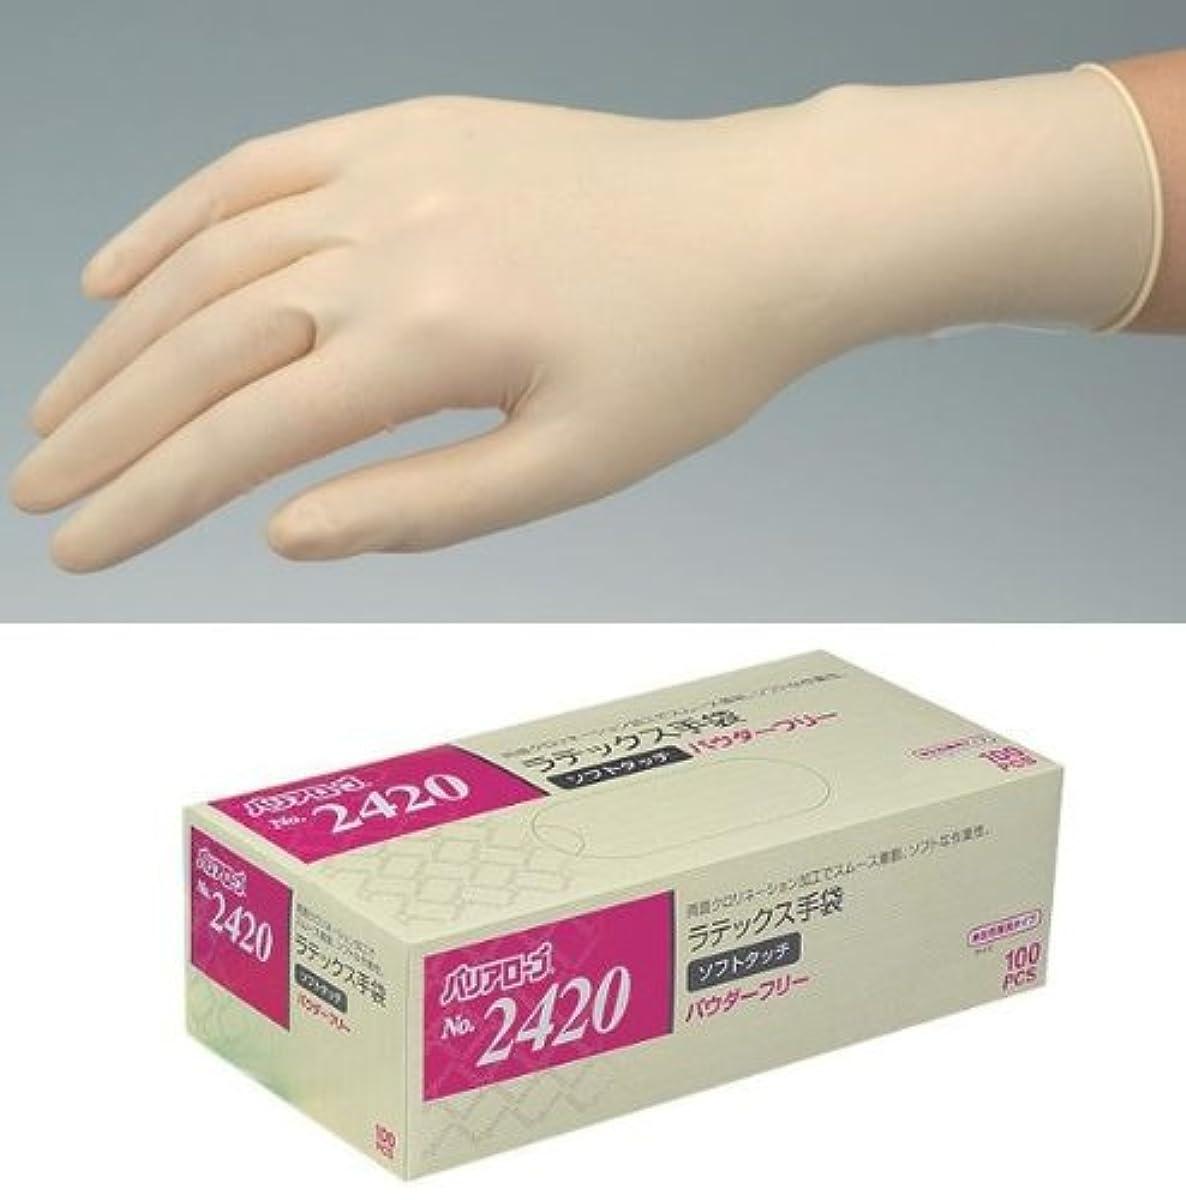 キャンディー混乱させる調停するバリアローブ ラテックス手袋 ソフトタッチPF(左右兼用) 100枚×20箱 NO.2420   M